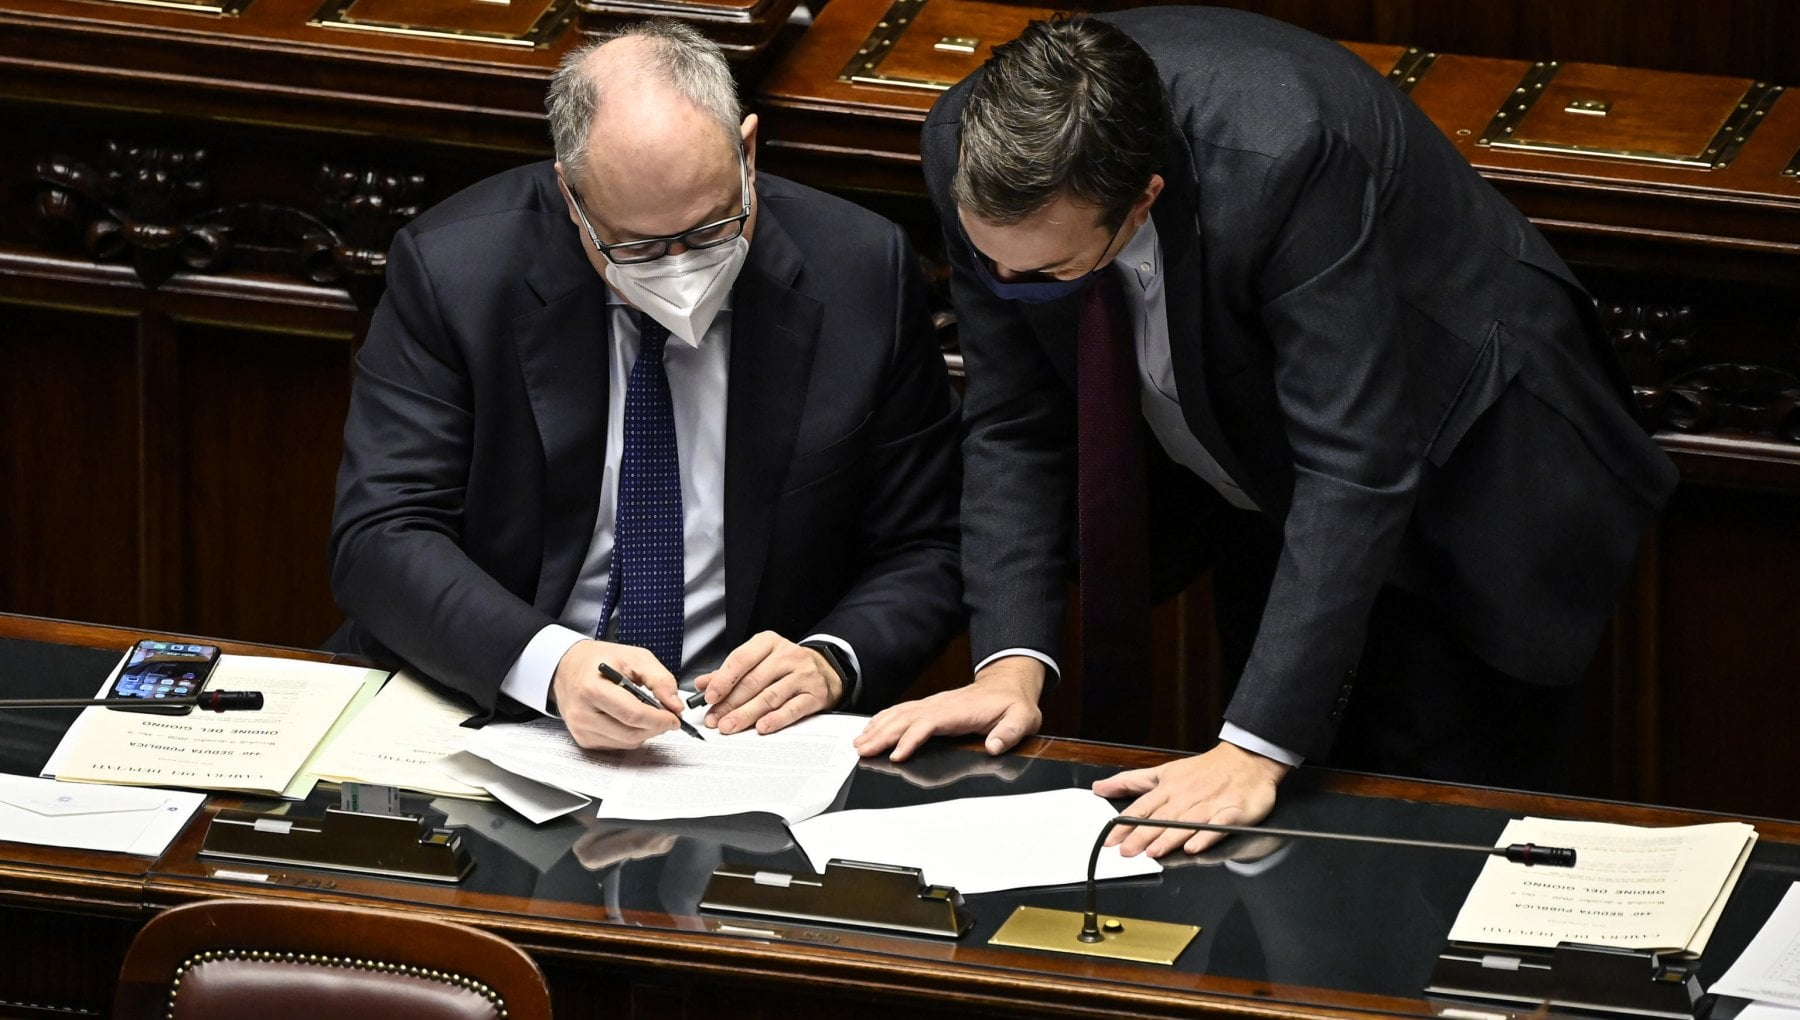 Crisi economica e Covid lItalia ne uscira solo con interventi strutturali